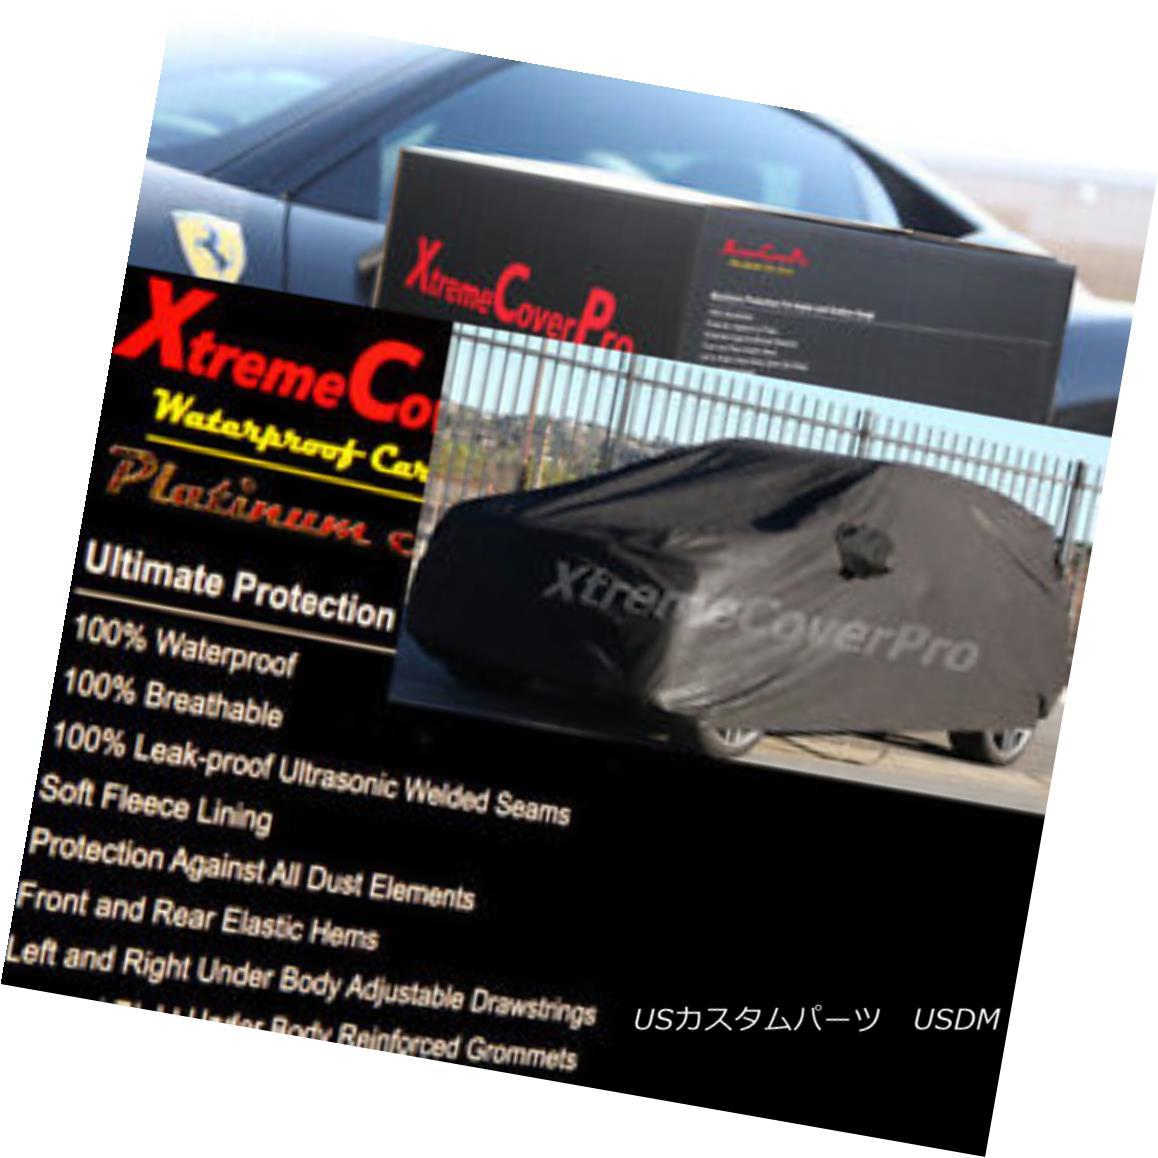 カーカバー 2014 Jeep Compass Waterproof Car Cover w/ Mirror Pocket 2014ジープコンパス防水カーカバー付きミラーポケット